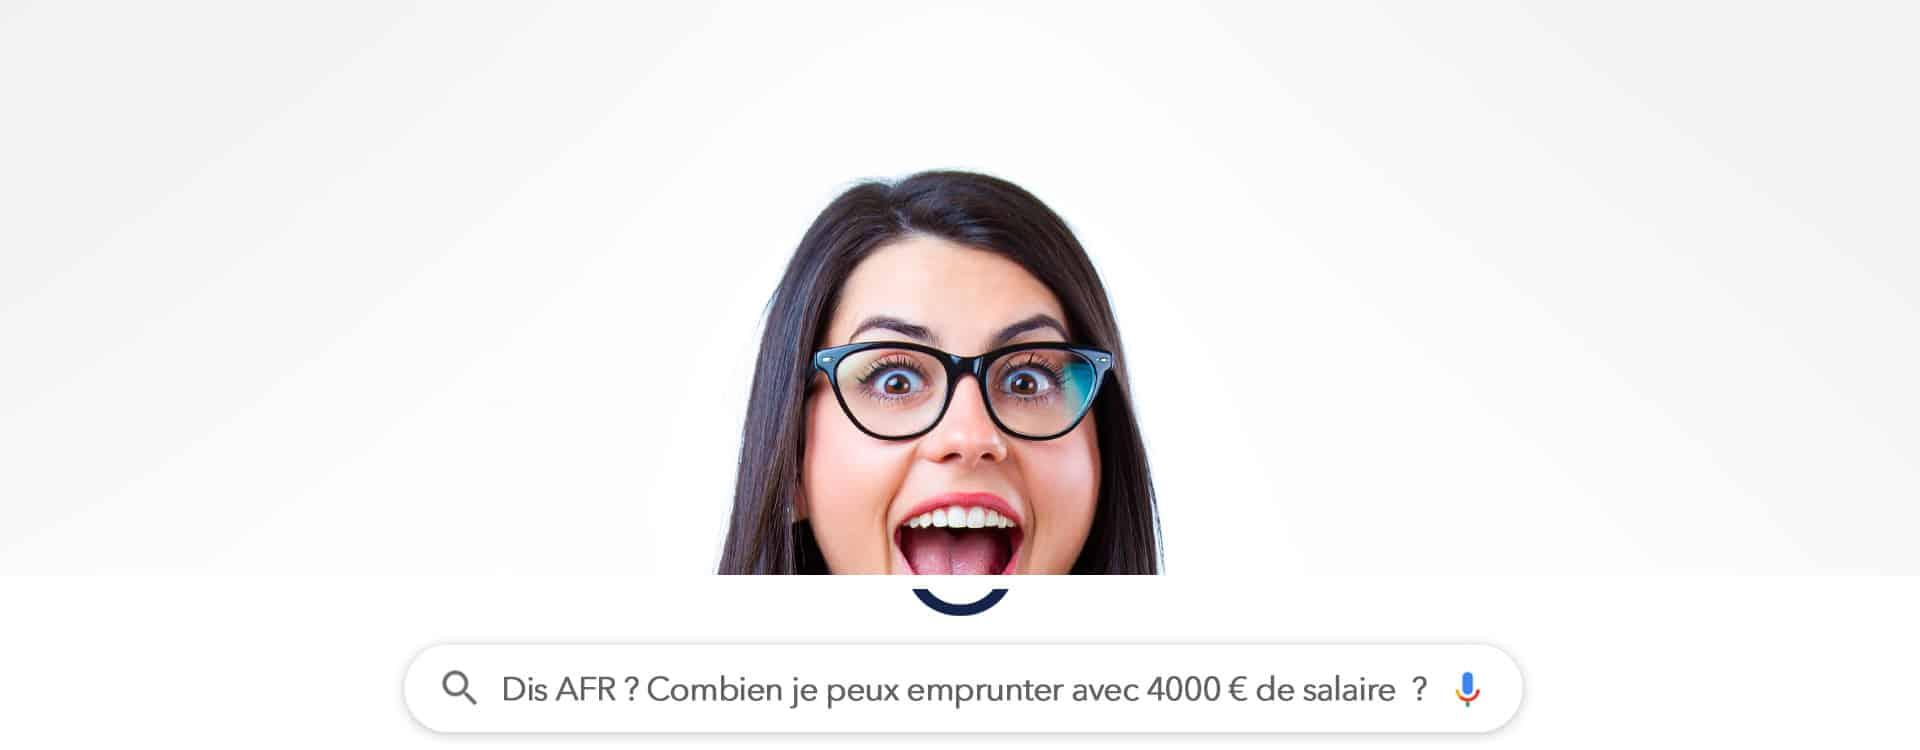 Quel loyer pour un salaire de 4000 euros ?